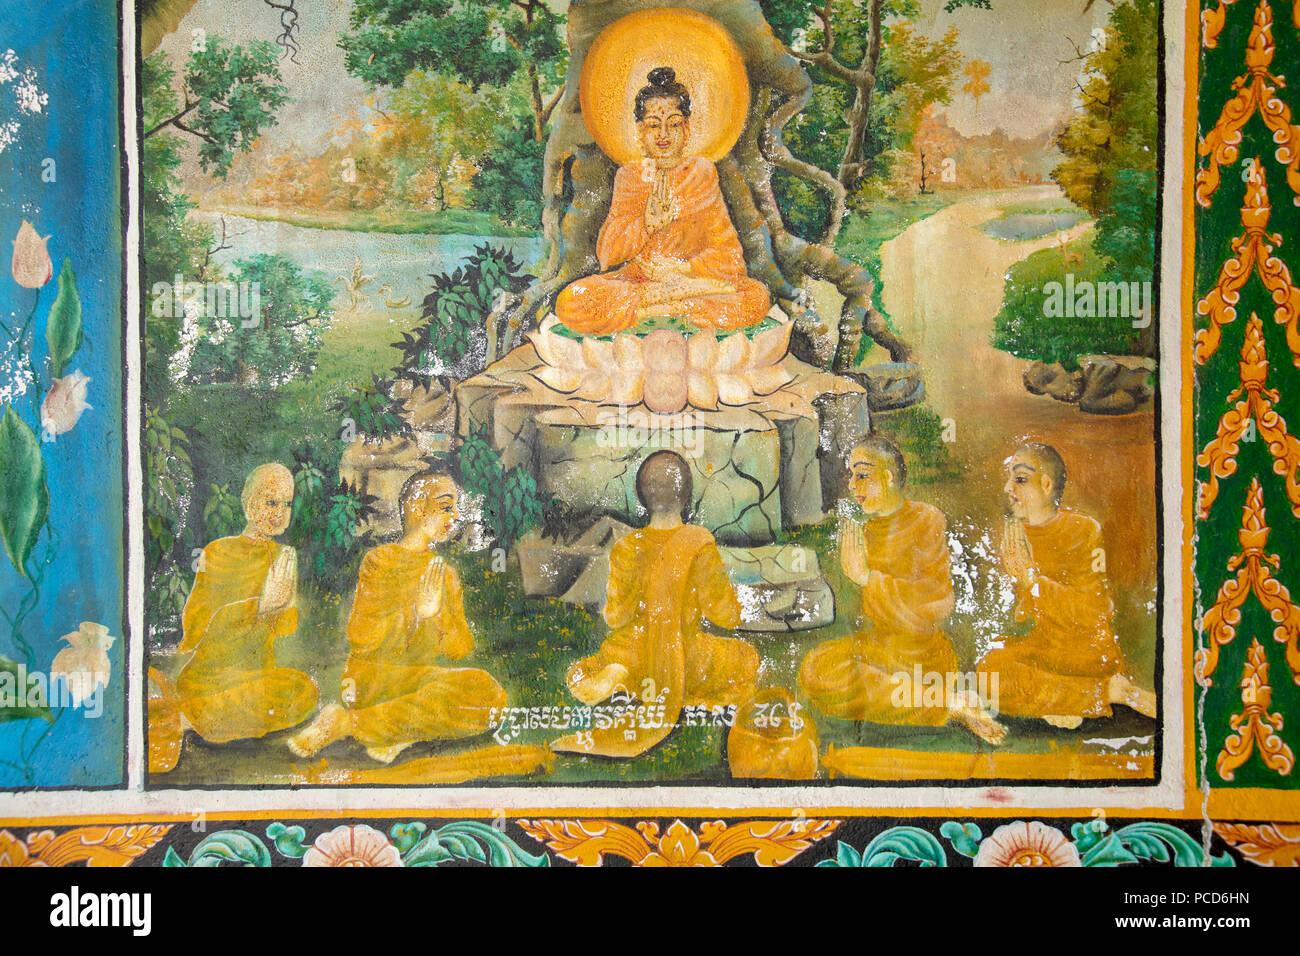 Peinture murale montrant des scènes de la vie de Bouddha, Takeo, le Cambodge, l'Indochine, l'Asie du Sud-Est, Asie Photo Stock